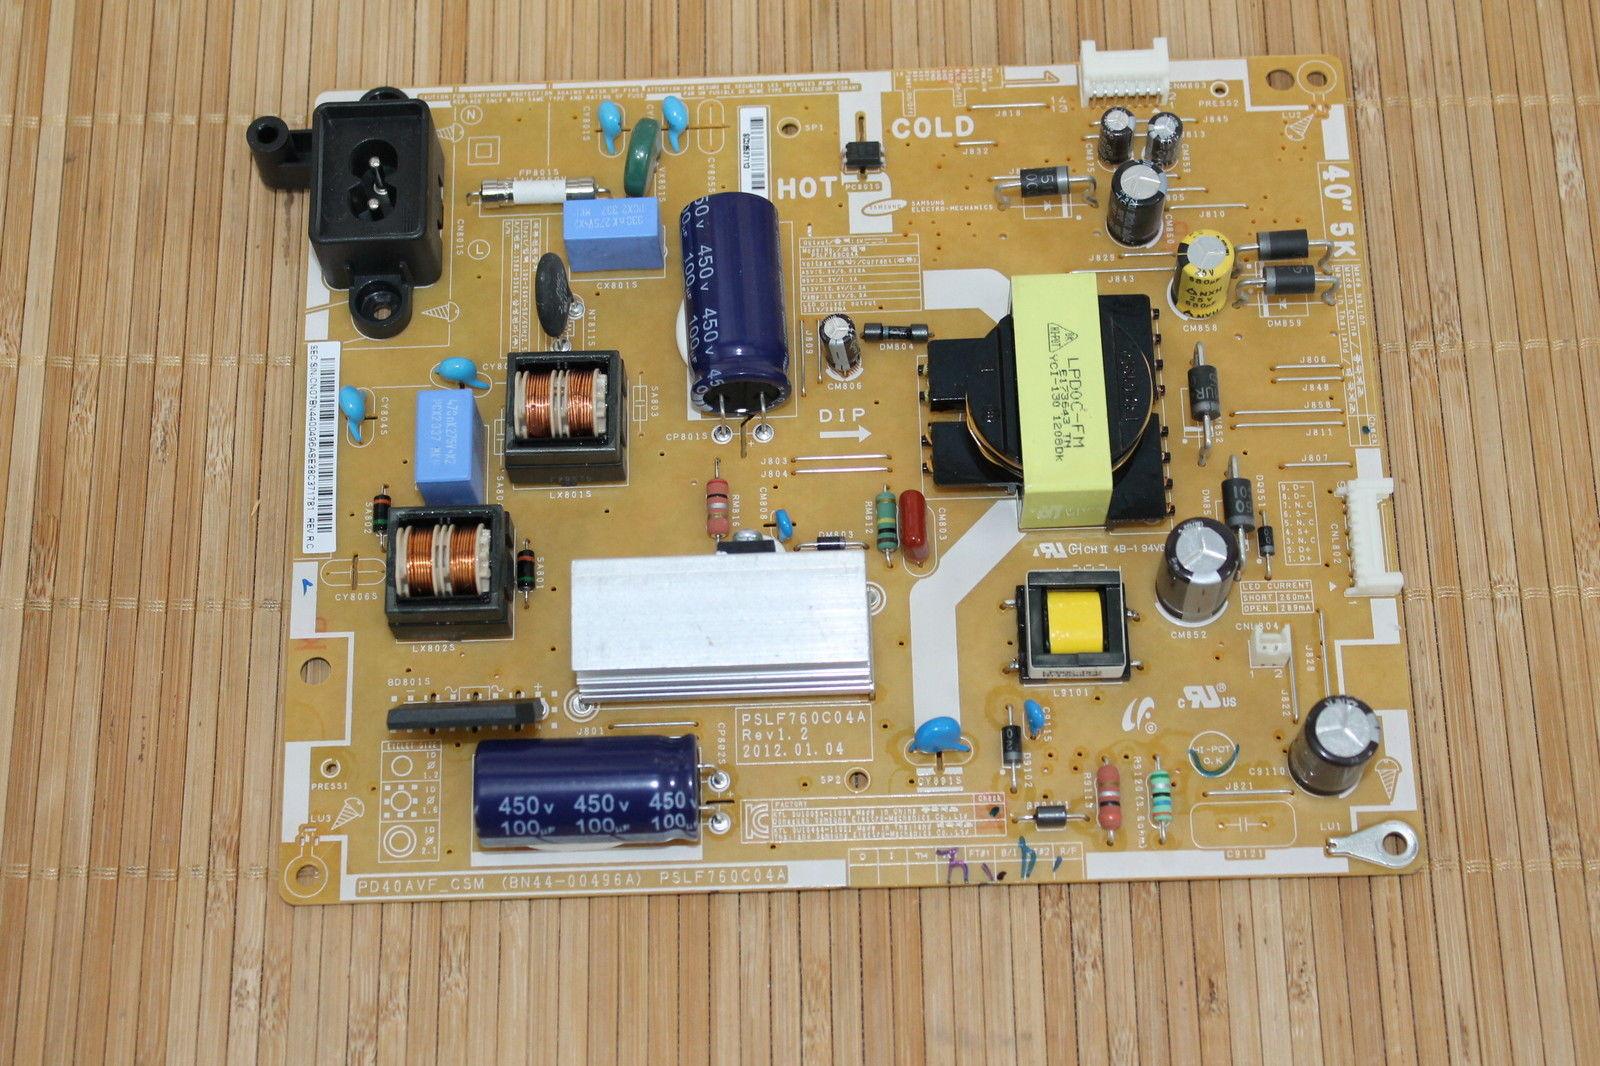 Samsung UE40EH5000 - Nie wl�cza sie, dioda nie �wieci